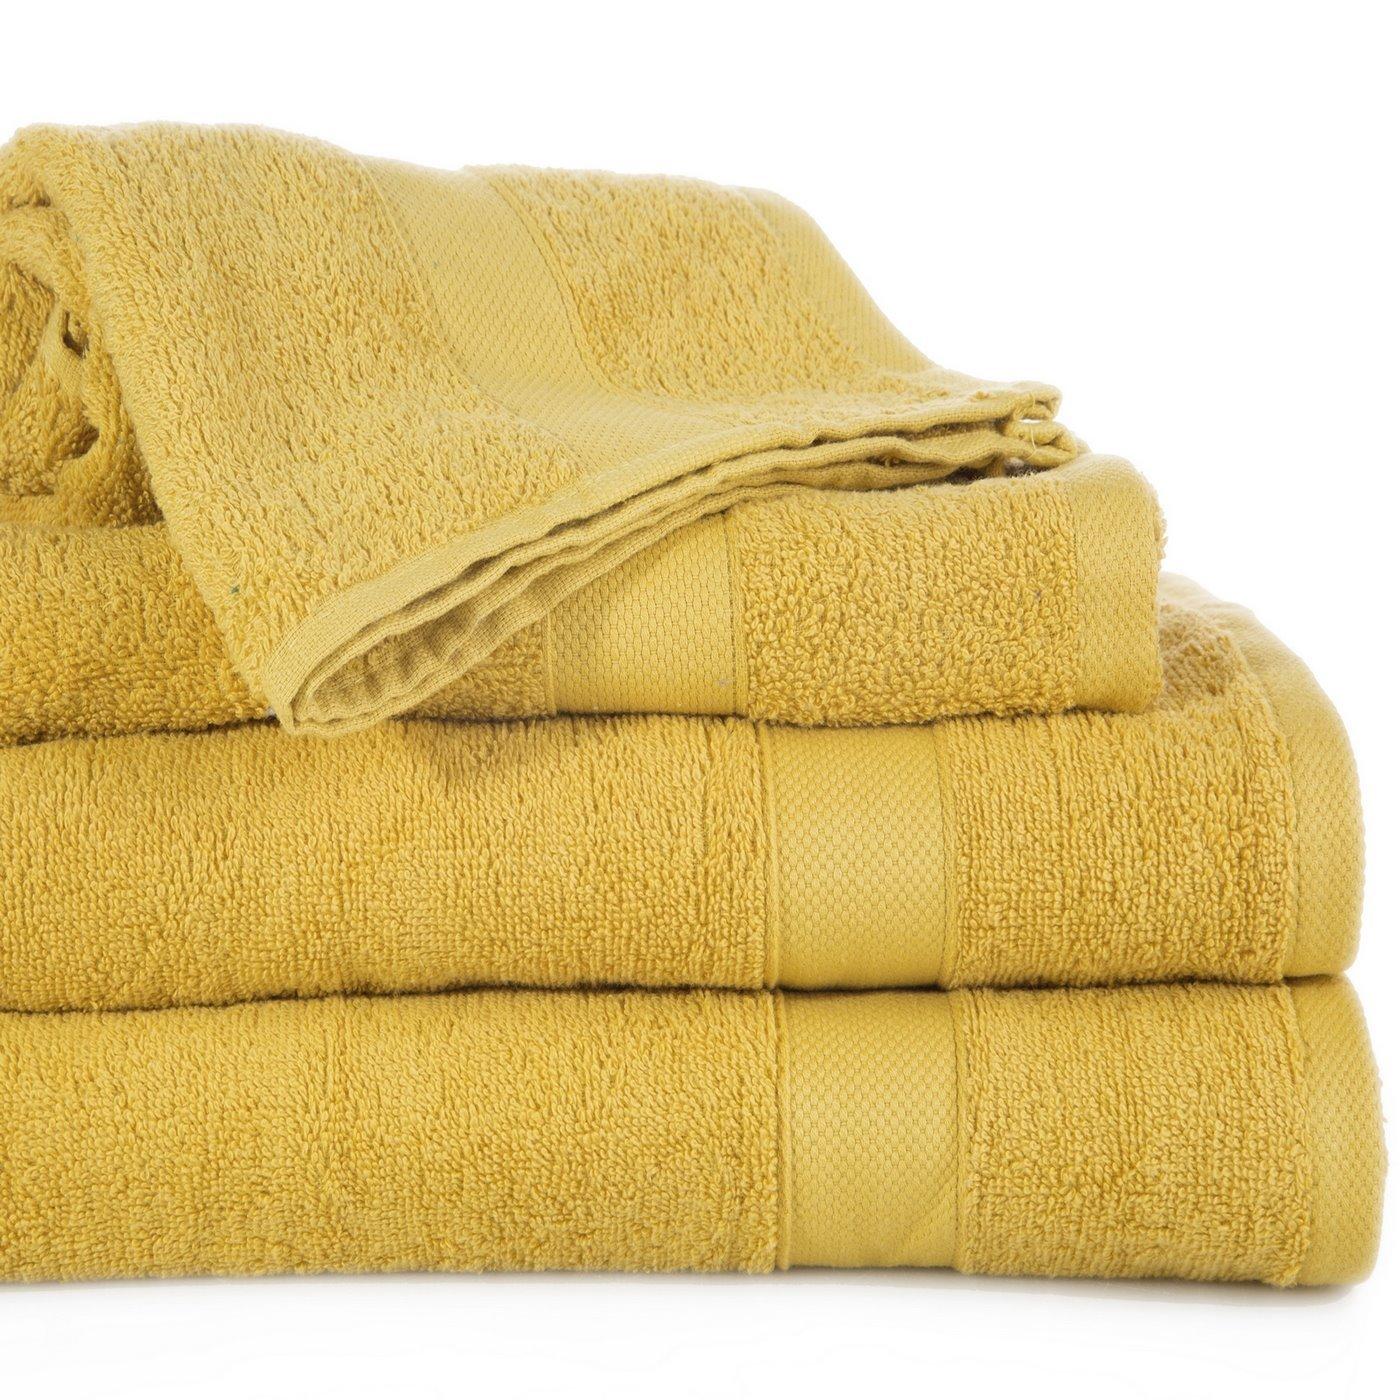 Miękki chłonny ręcznik kąpielowy musztardowy 70x140